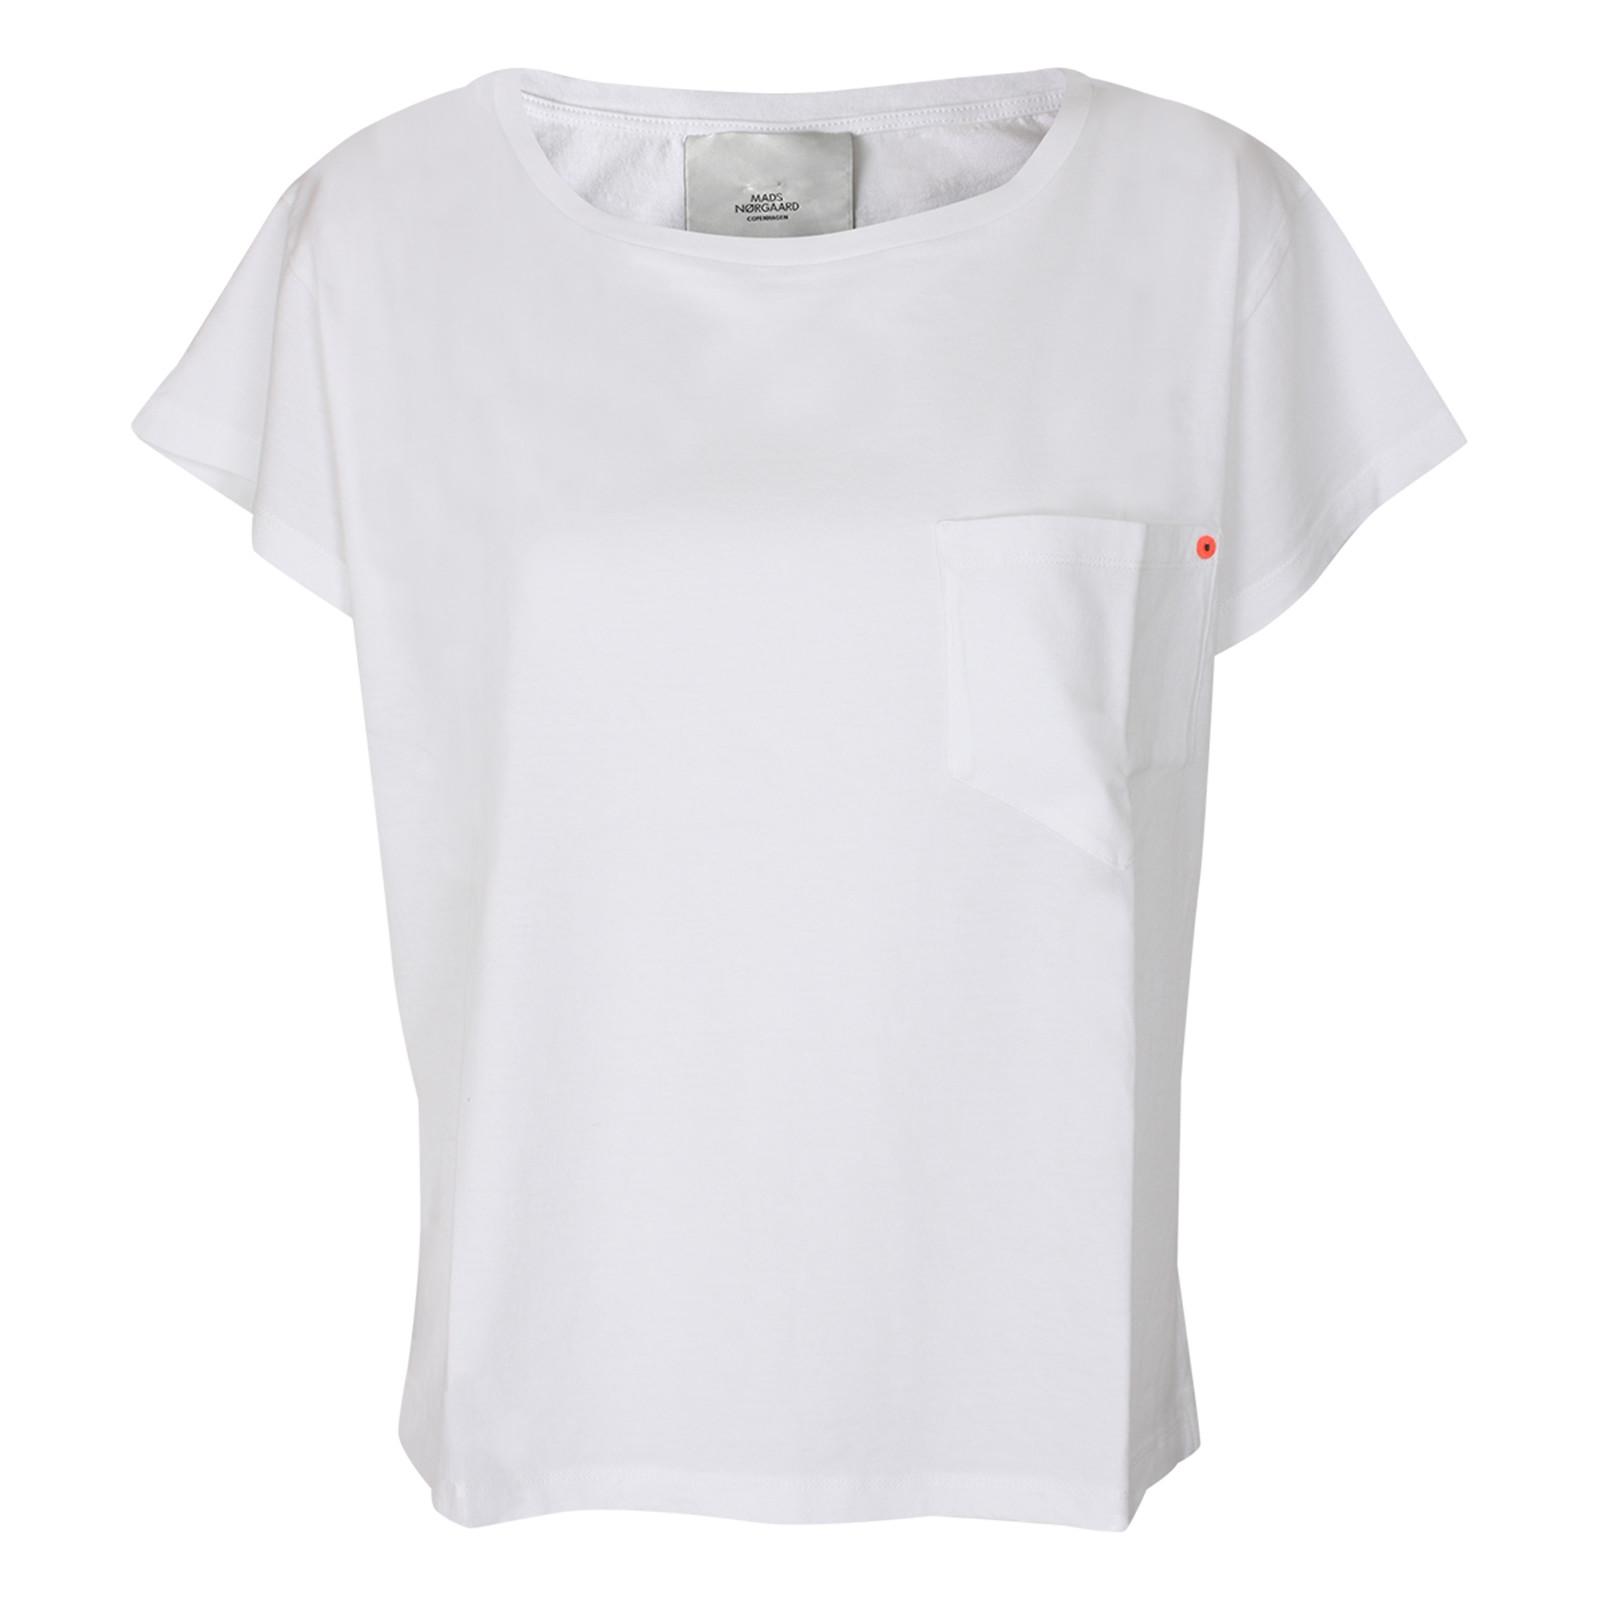 fcd7e22d50c Torva t-shirt hvid- Mads Nørgard   Rikke Solberg